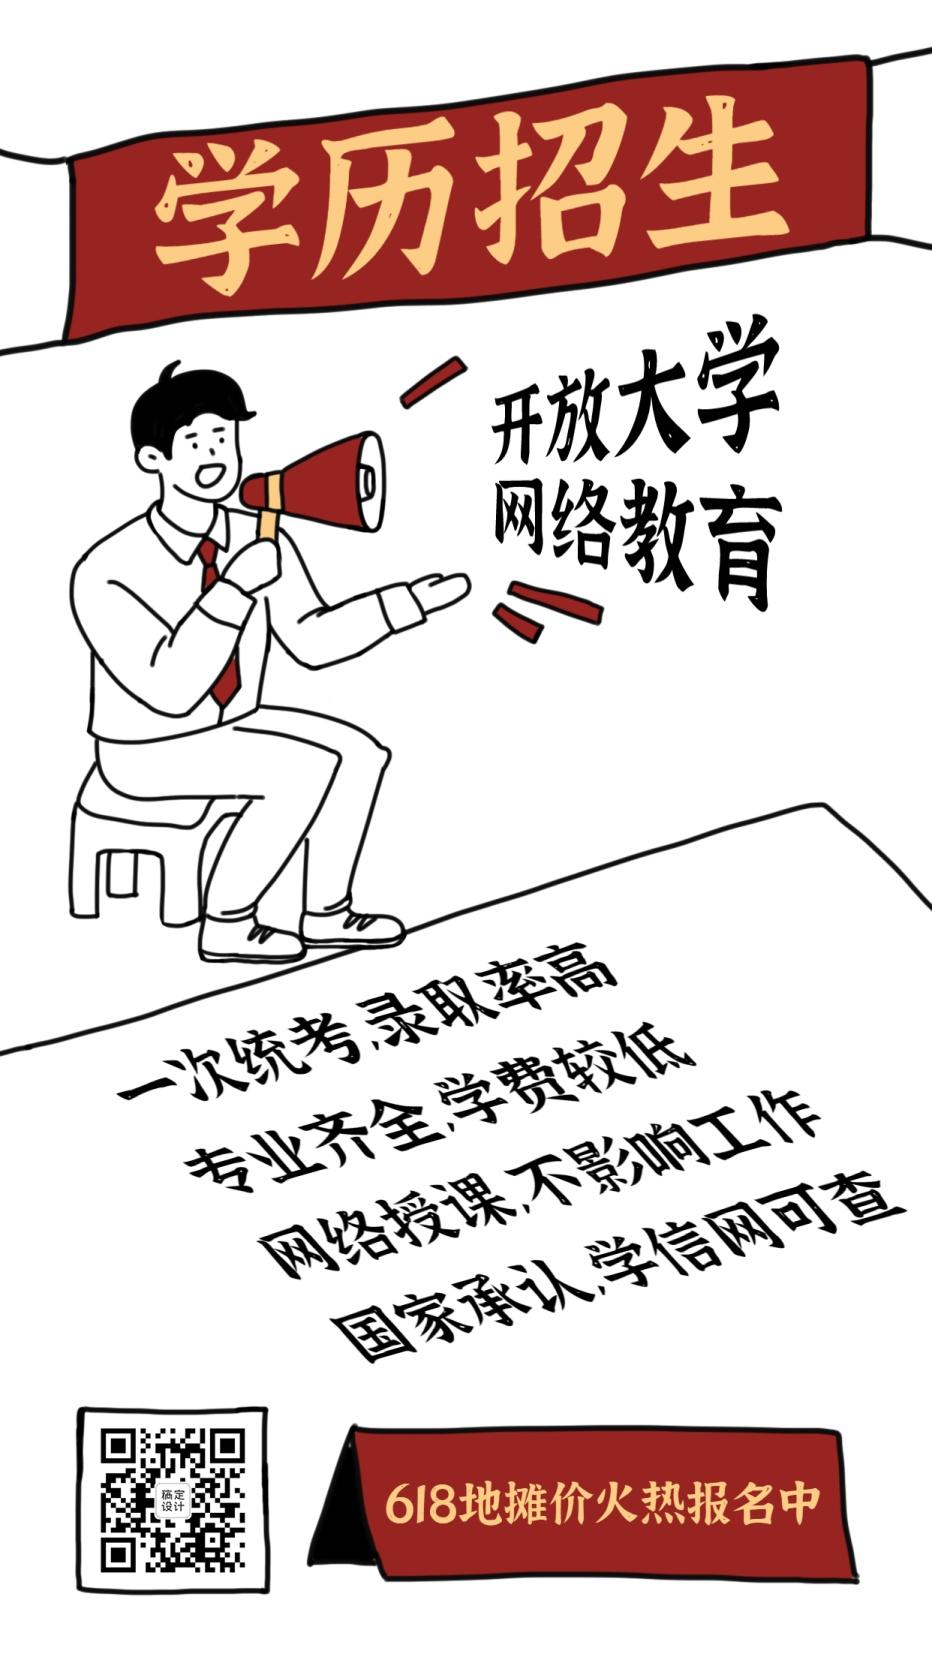 地摊摆摊学历提升招生教学手机海报